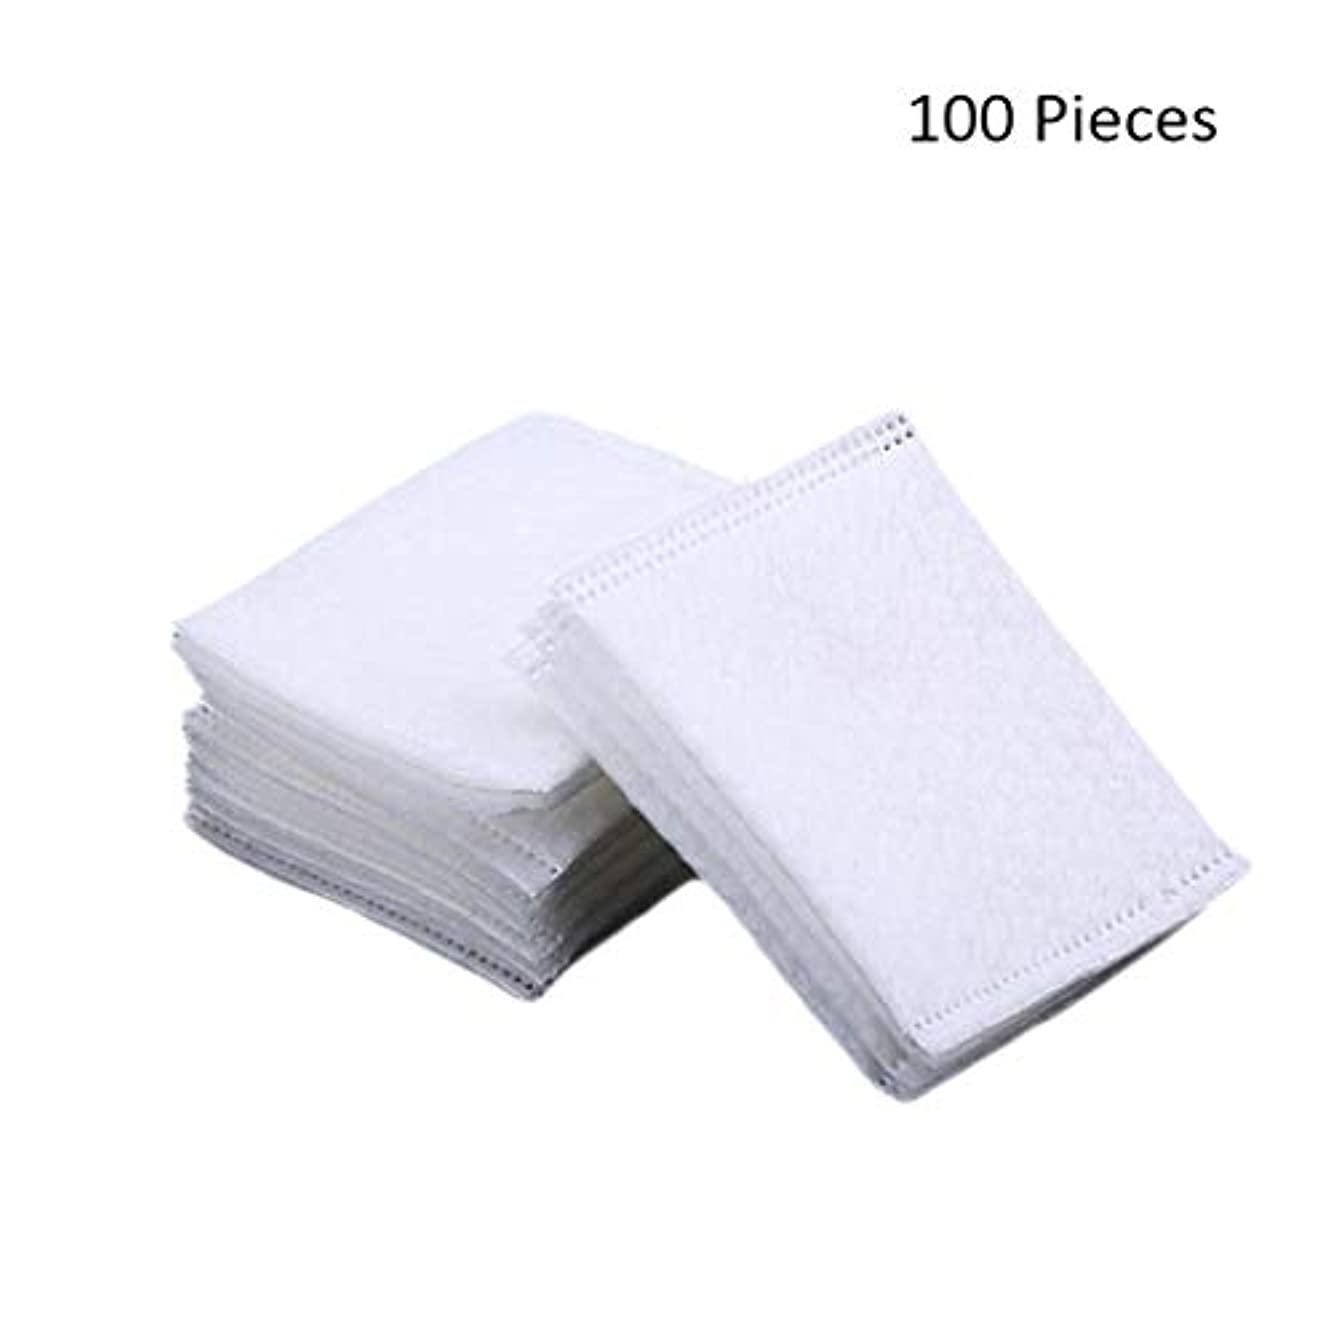 ロッドタンカー腸50/100/220ピースダブルサイドフェイスメイクアップリムーバーコットンパッド密封旅行削除コットンパッドスキン化粧品メイクアップツール (Color : White, サイズ : 100 Pieces)